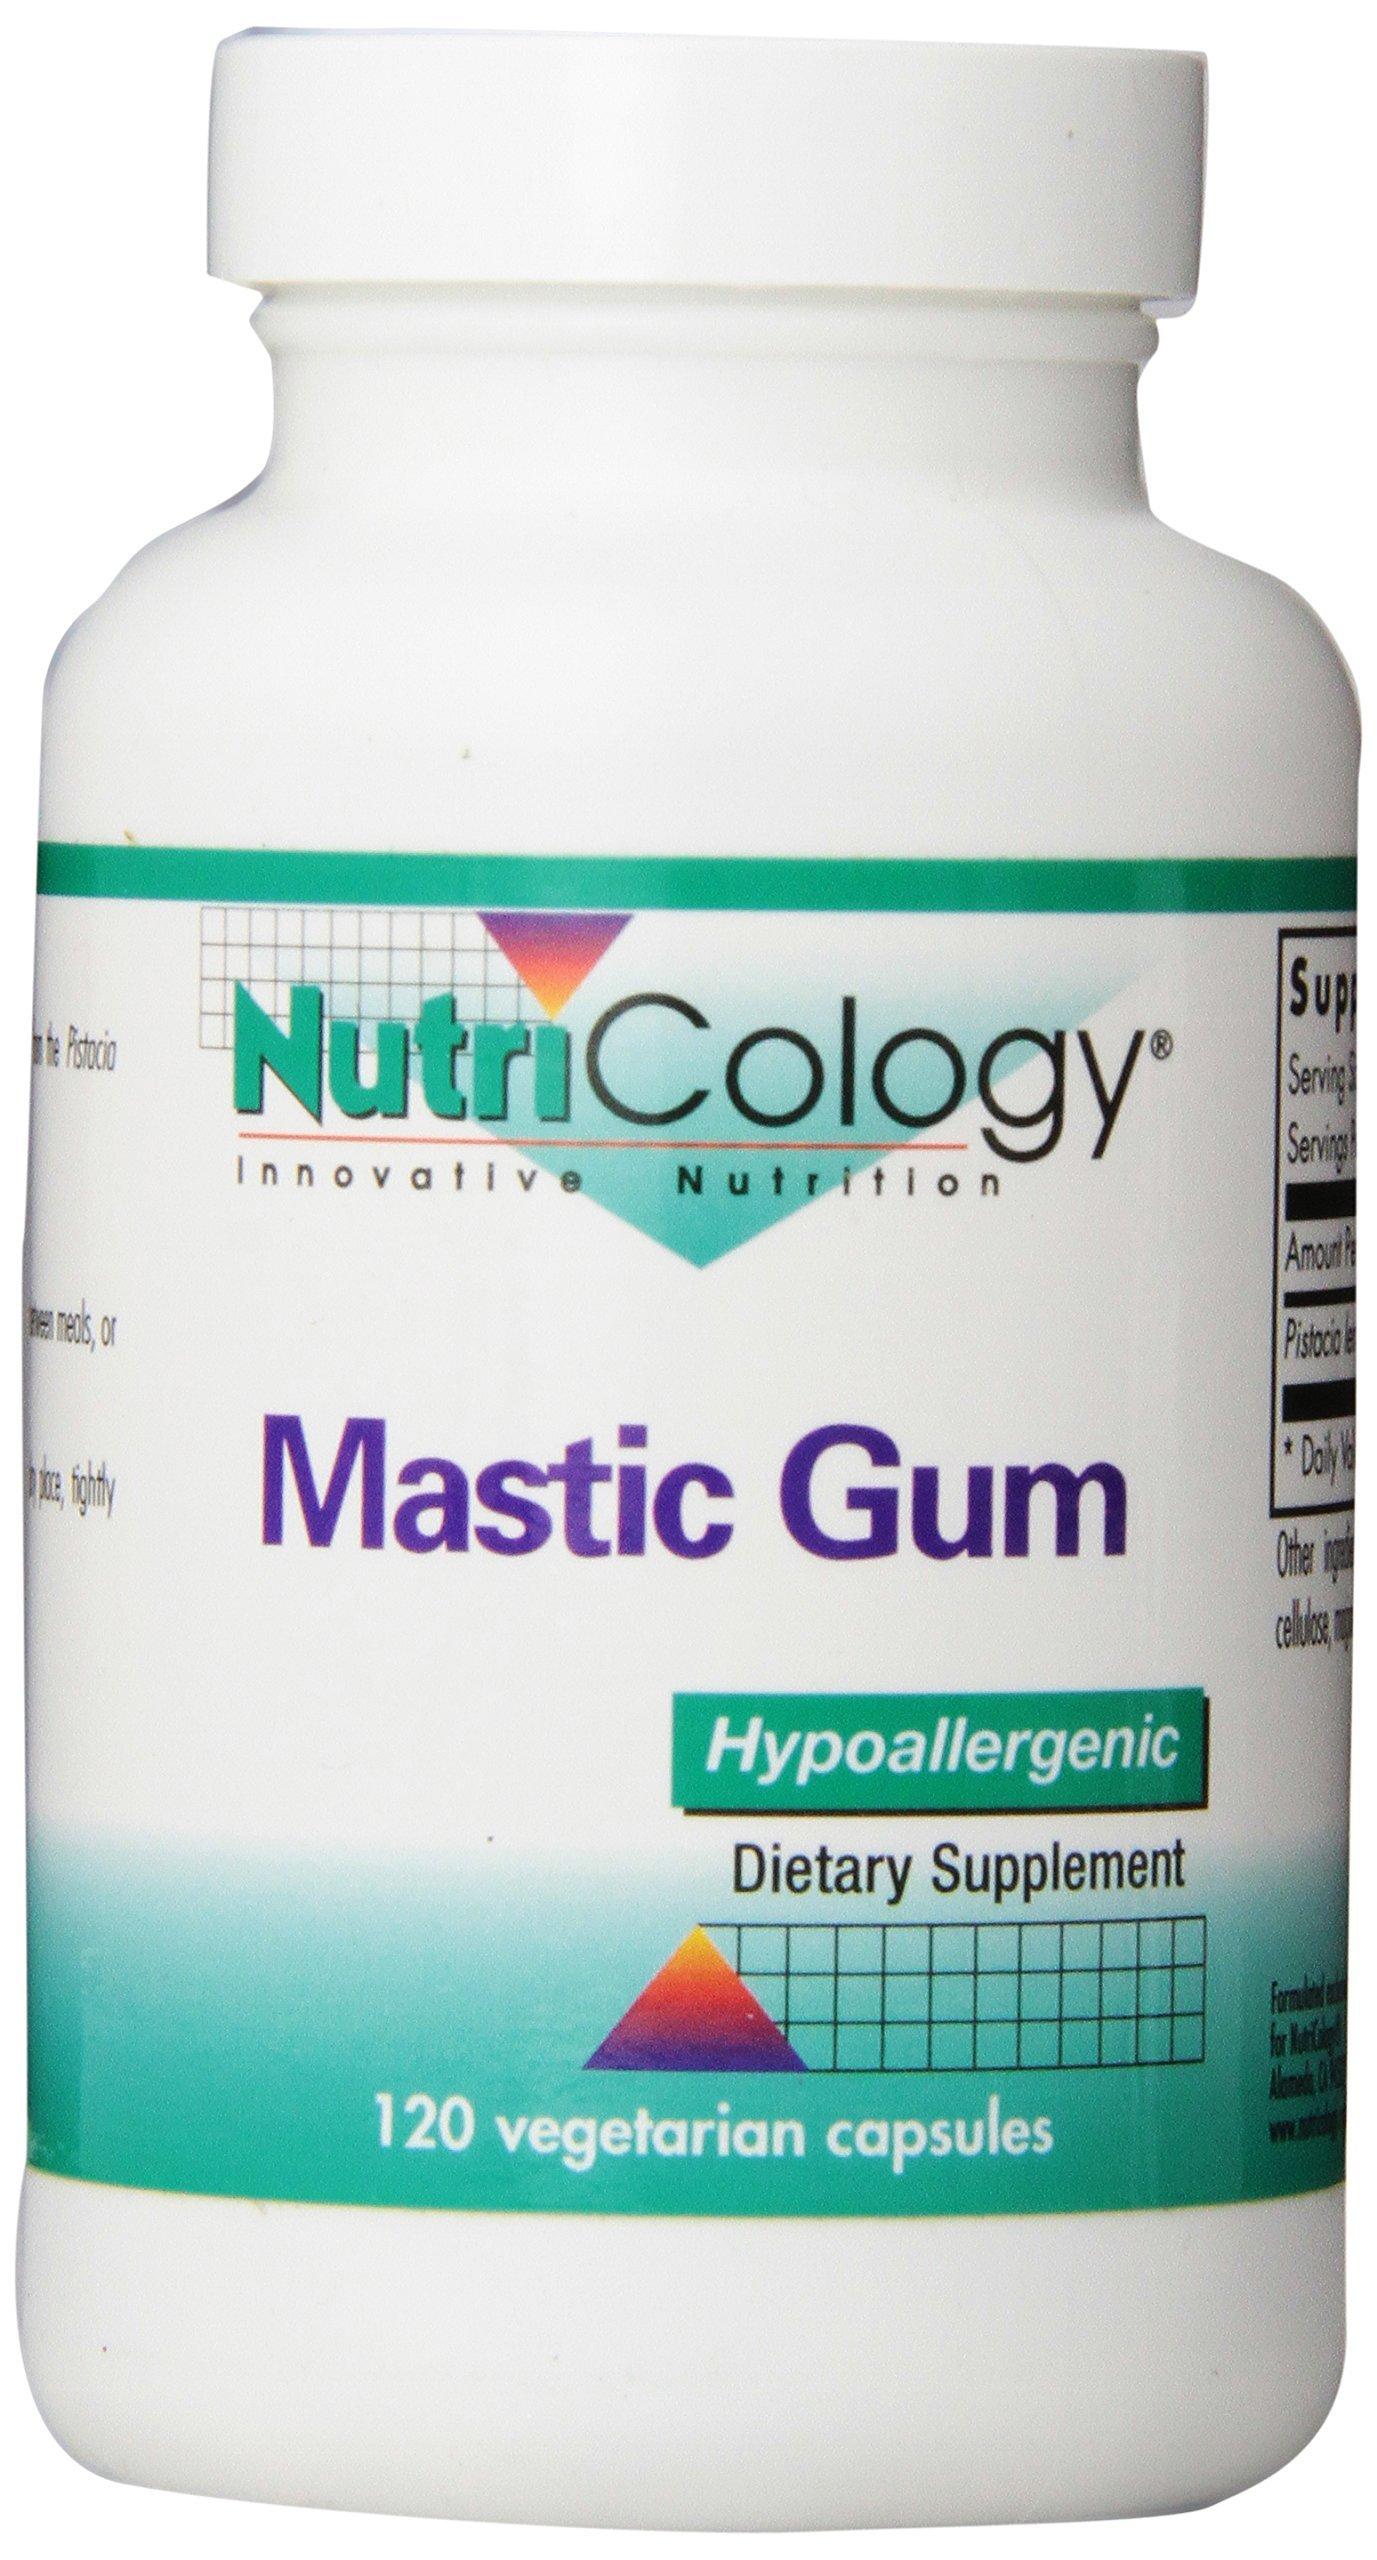 NutriCology Mastic Gum - Authentic Chios Mastiha - GI Health, Metabolism - 120 Vegetarian Capsules